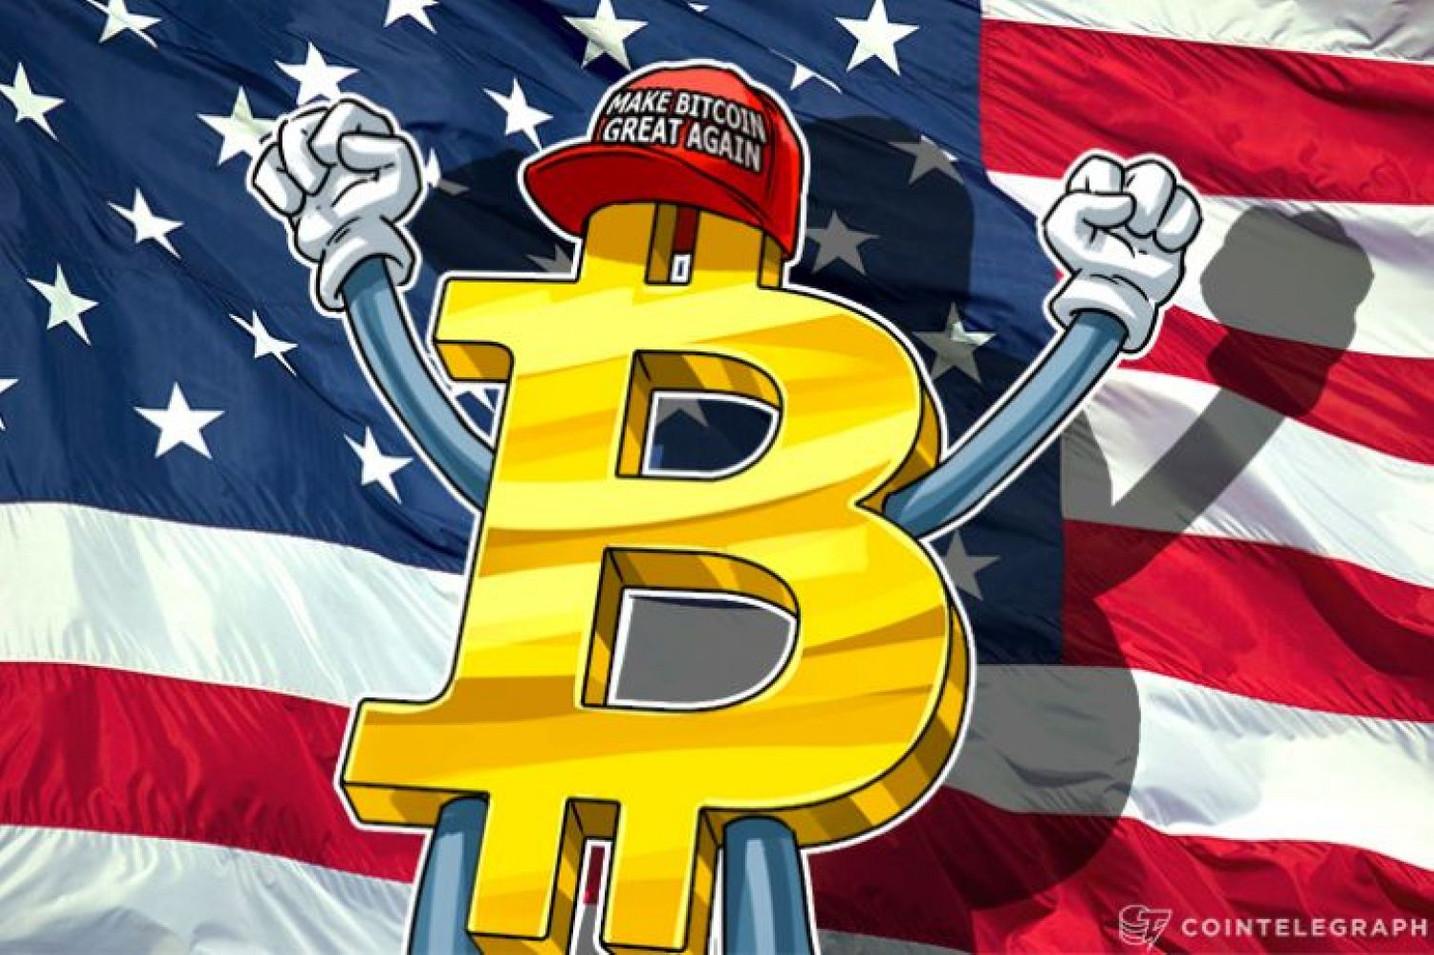 """O estado de Illinois promove uma """"hackatona"""" Blockchain com duração de um mês"""